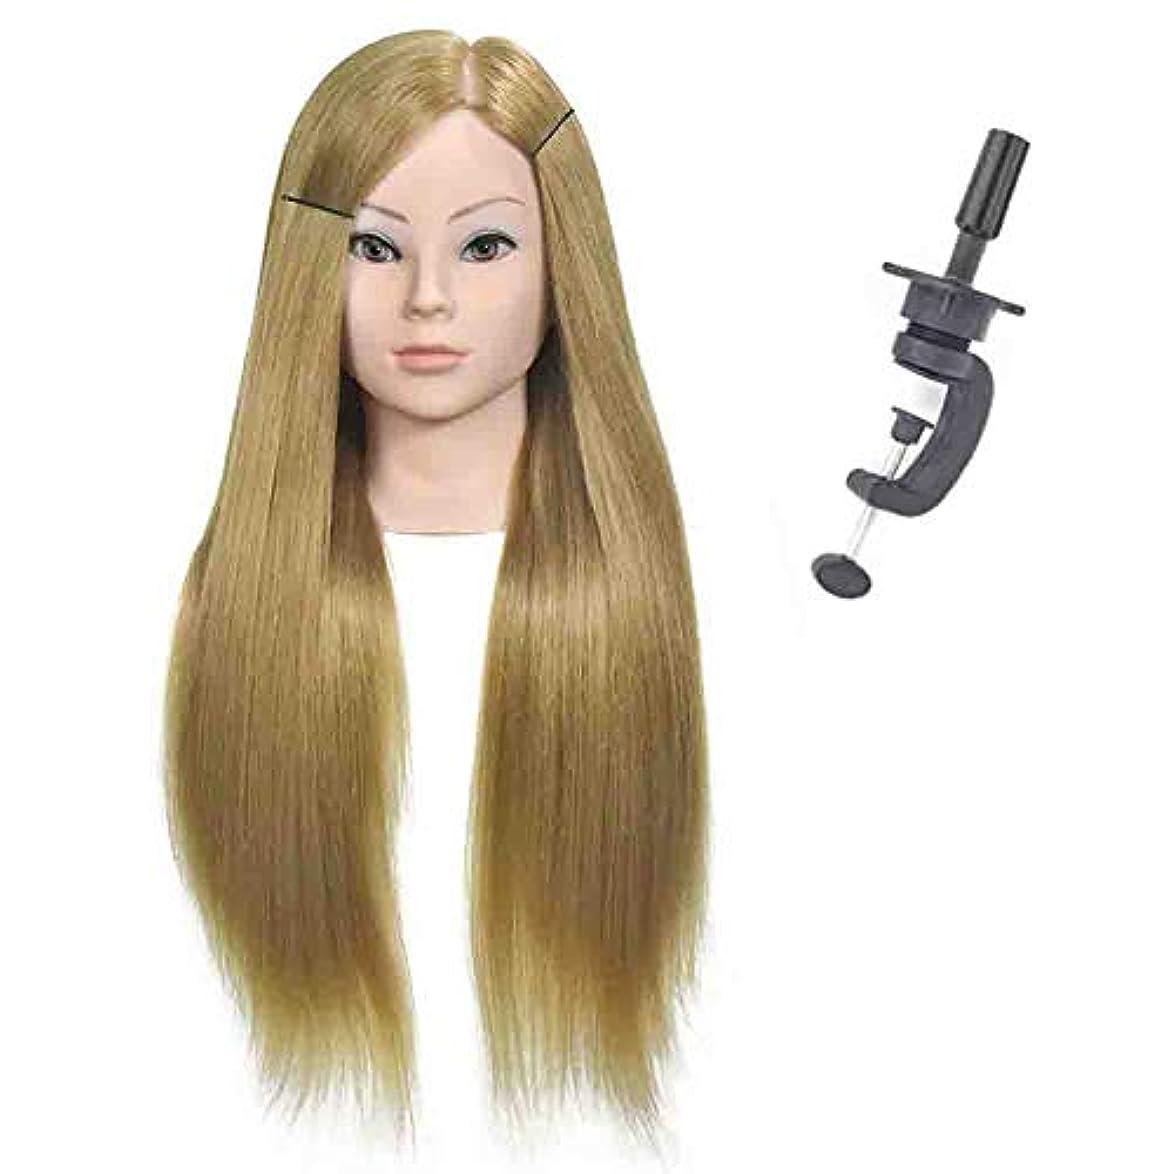 たらい長椅子収束花嫁メイクモデリング教育ヘッド本物の人物ヘアダミーヘッドモデル理髪店学習パーマ髪染めモデルヘッド